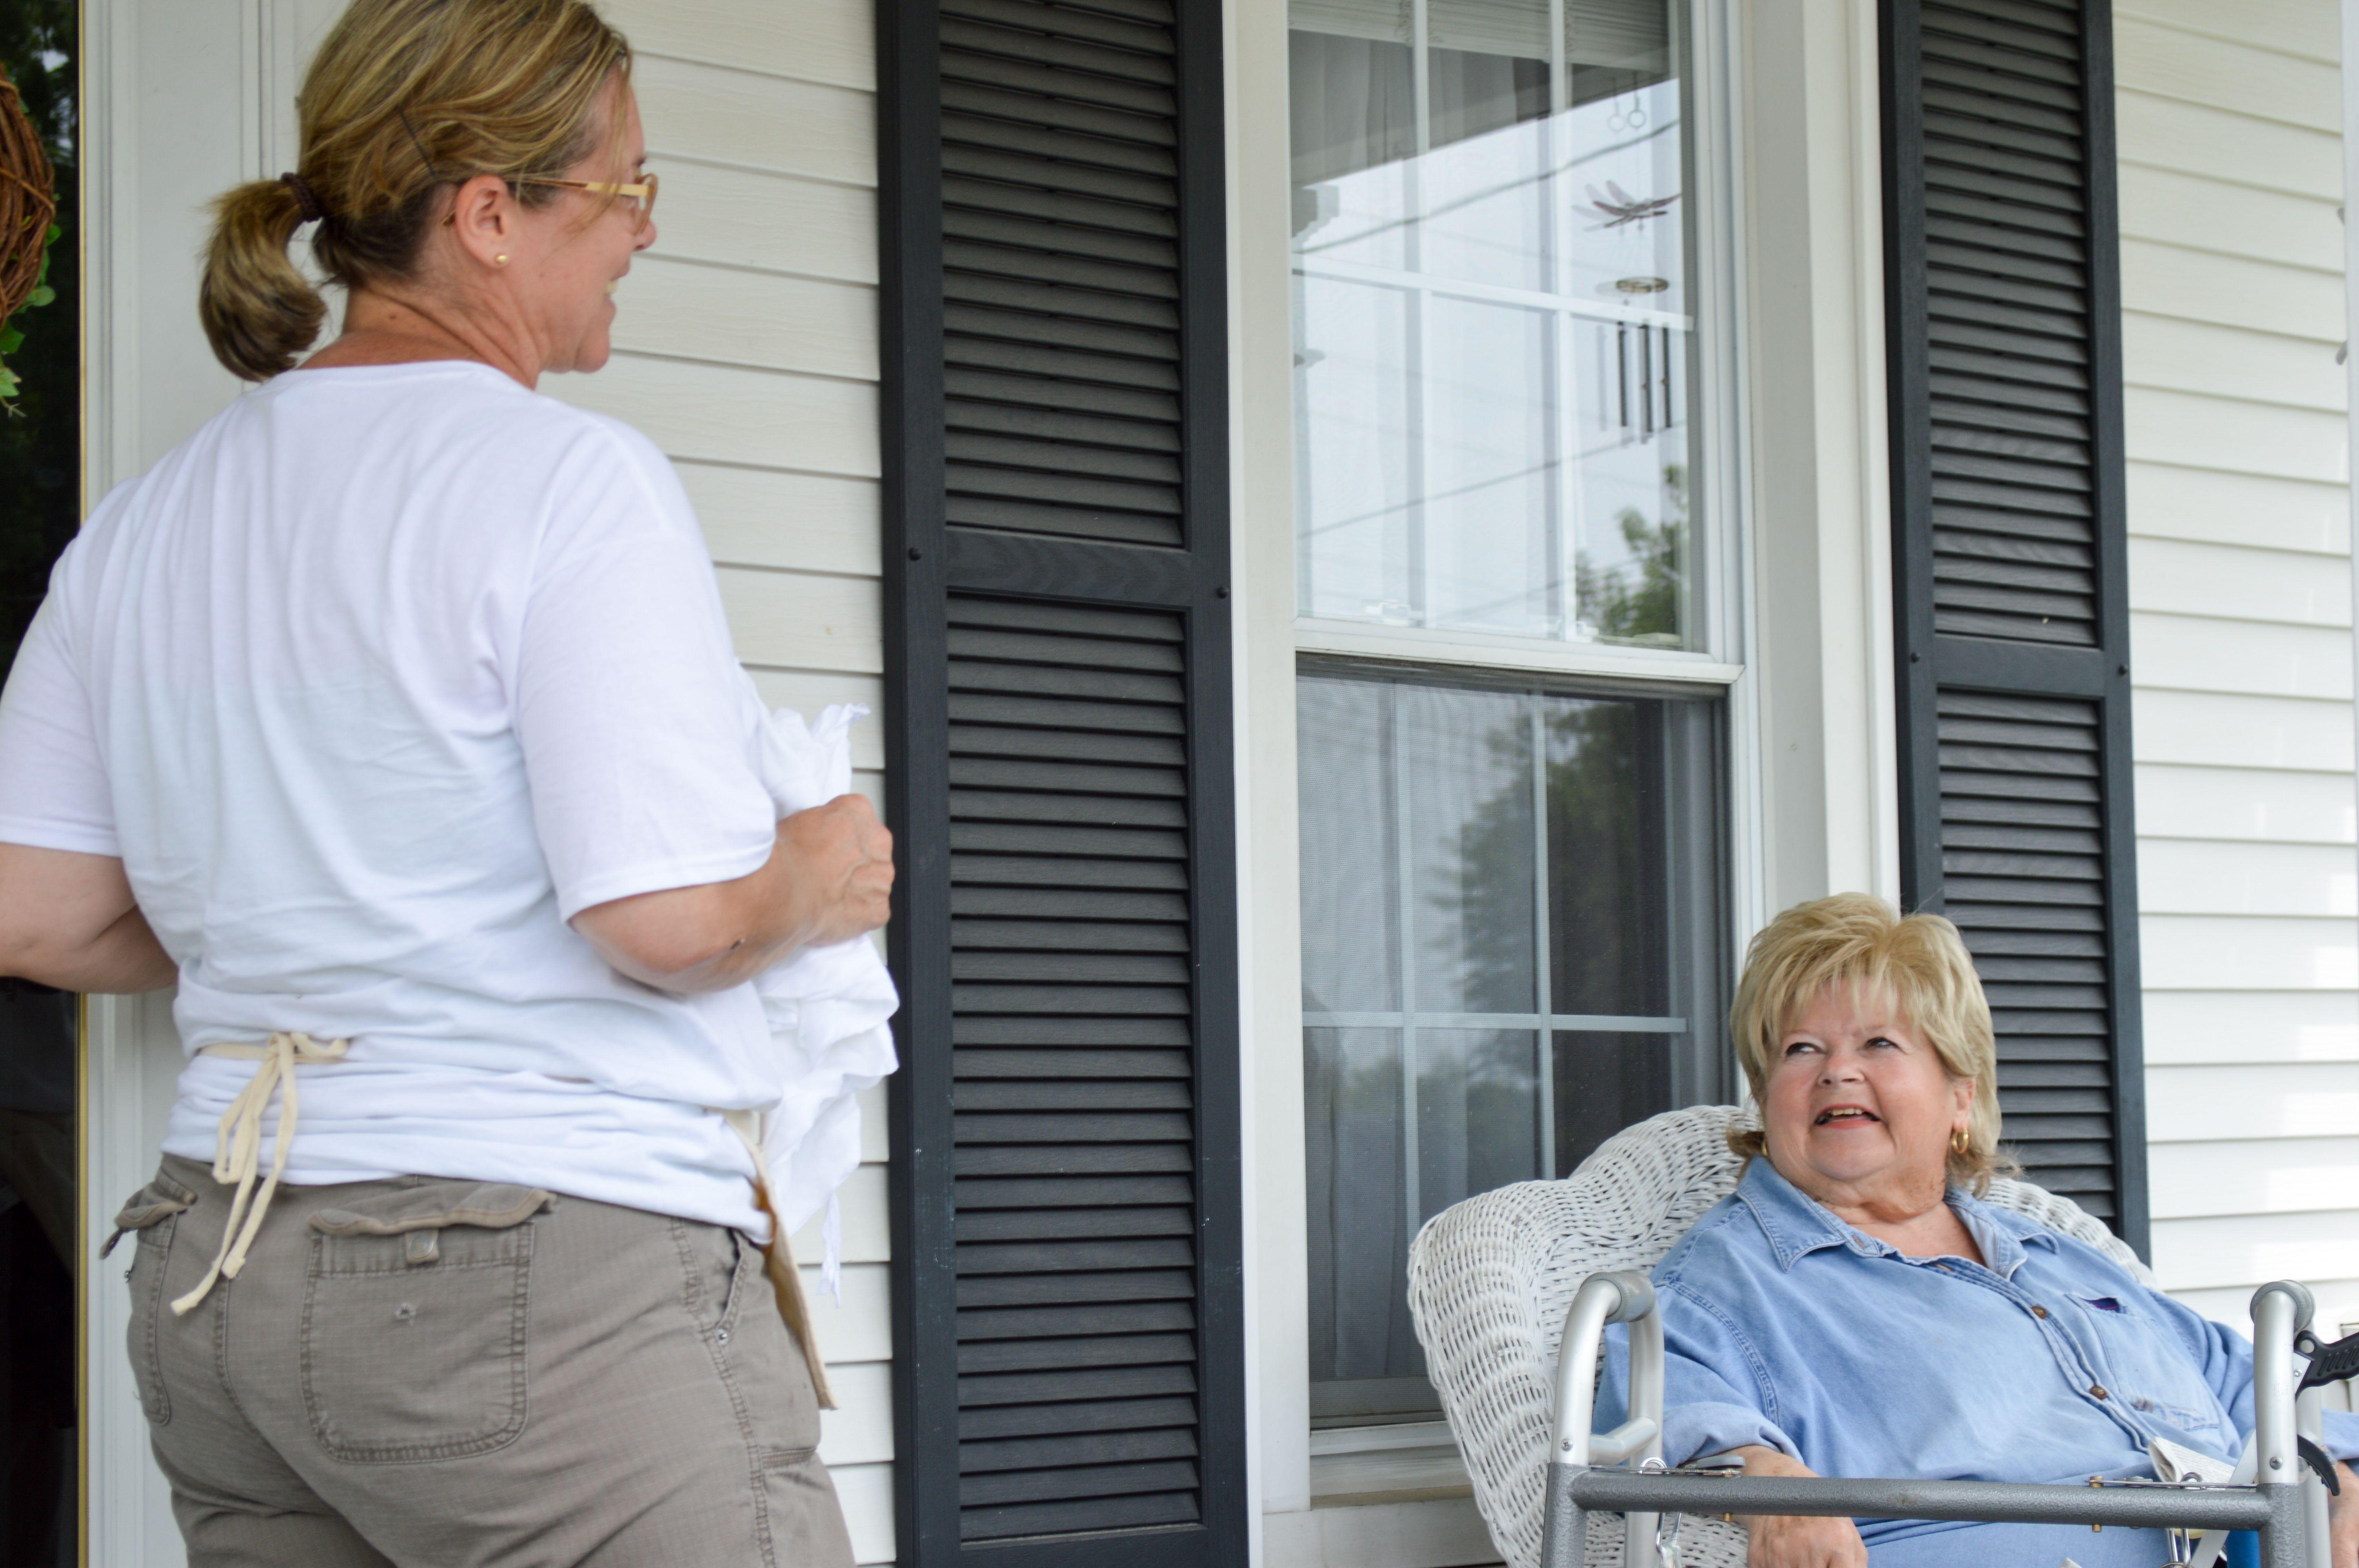 Making Homes Safer for Older Adults